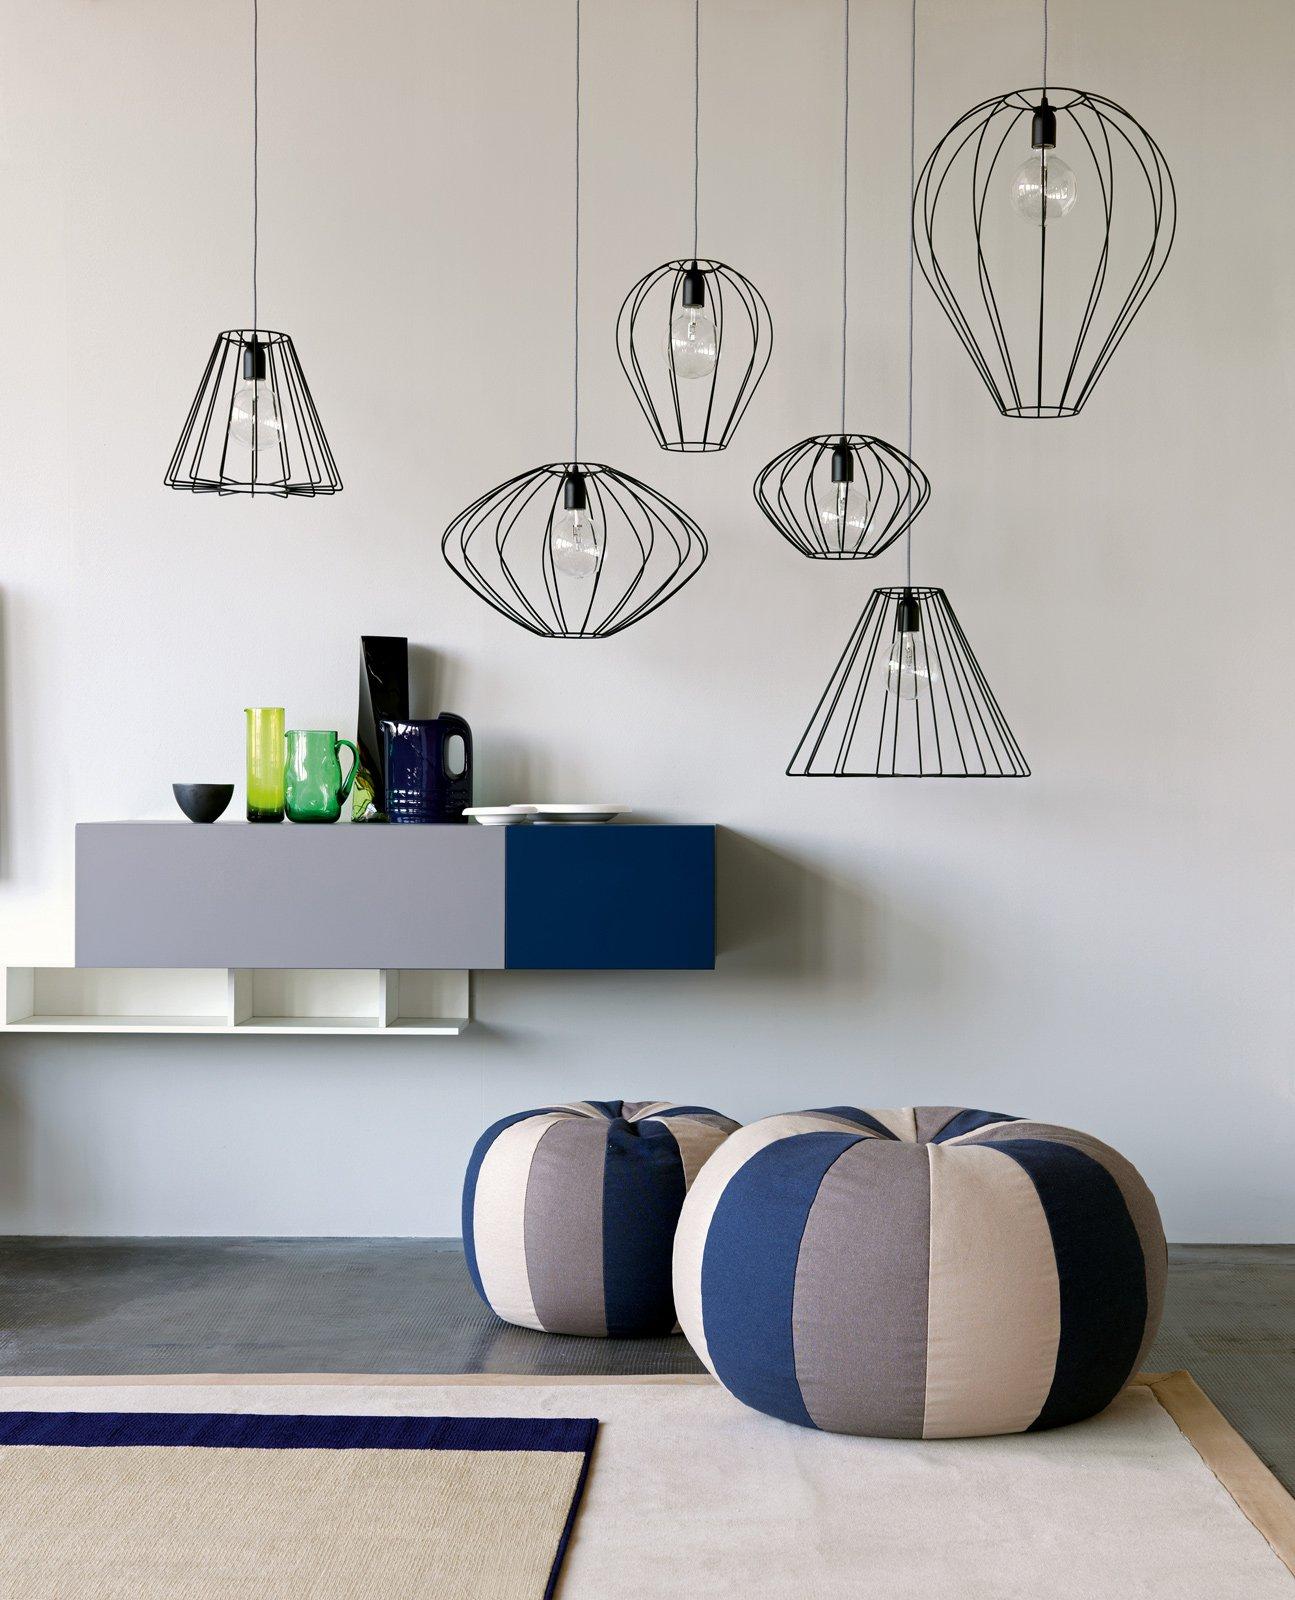 Arredare La Casa Al Mare Progetto Pictures To Pin On Pinterest #344770 1295 1600 Arredare Cucina Al Mare